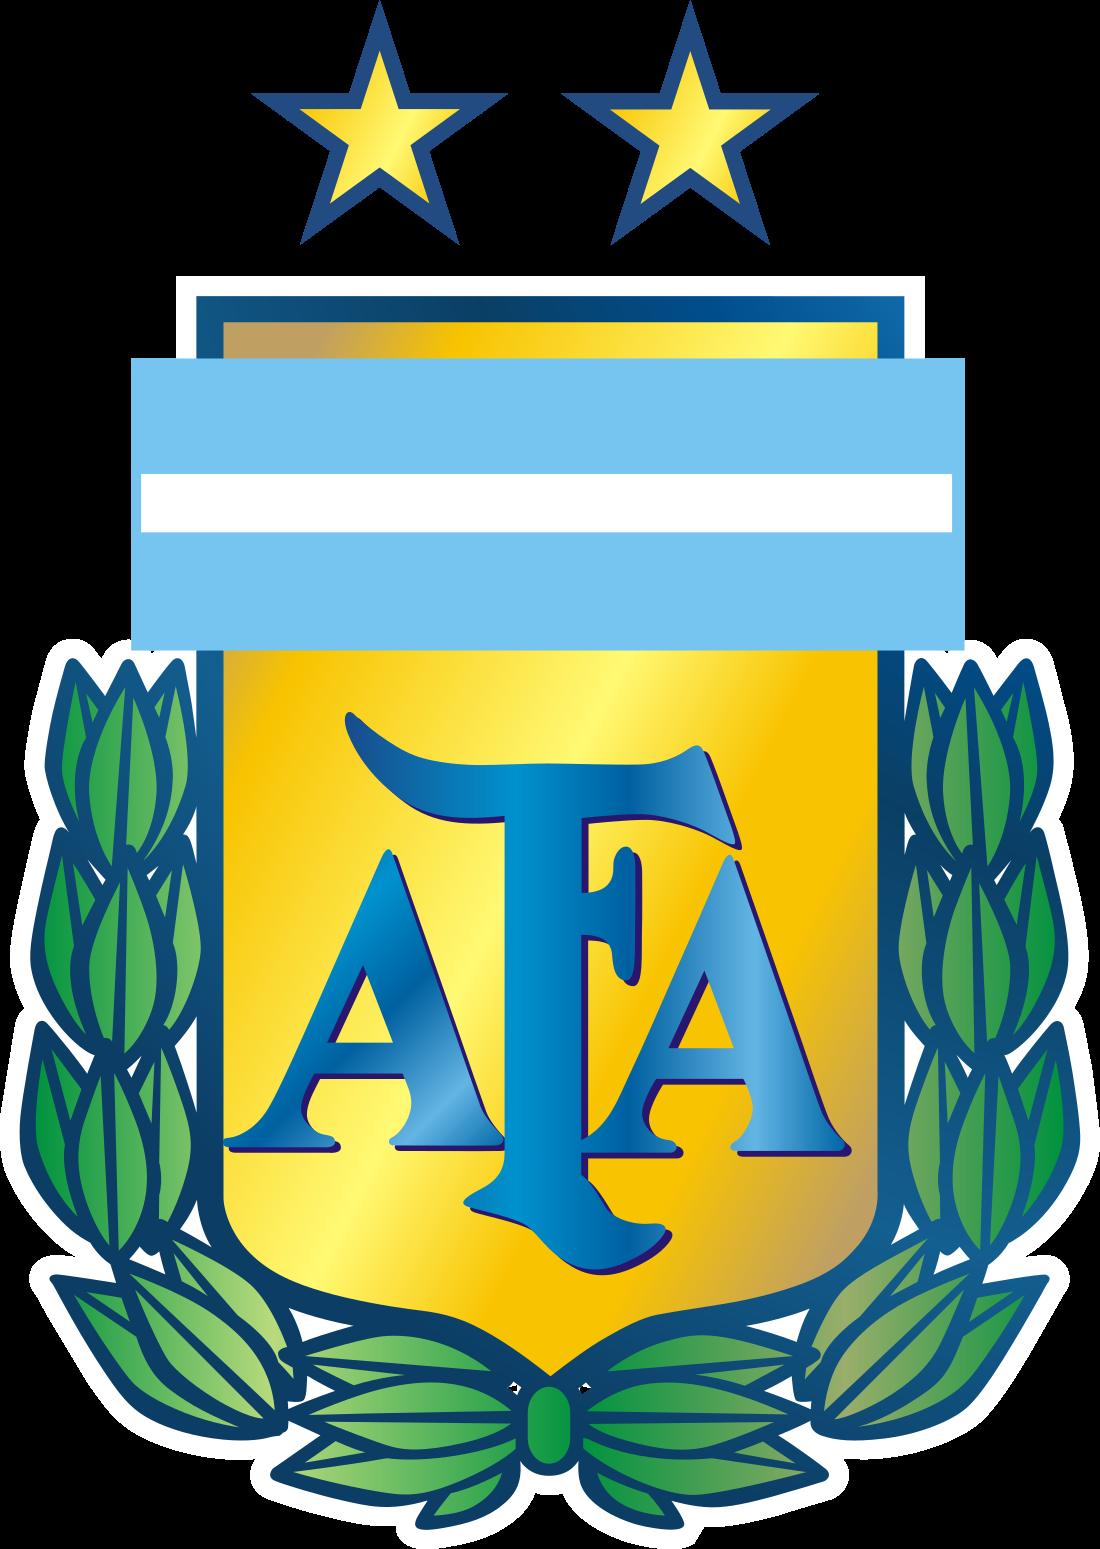 AFA, Seleção Argentina Logo, escudo.